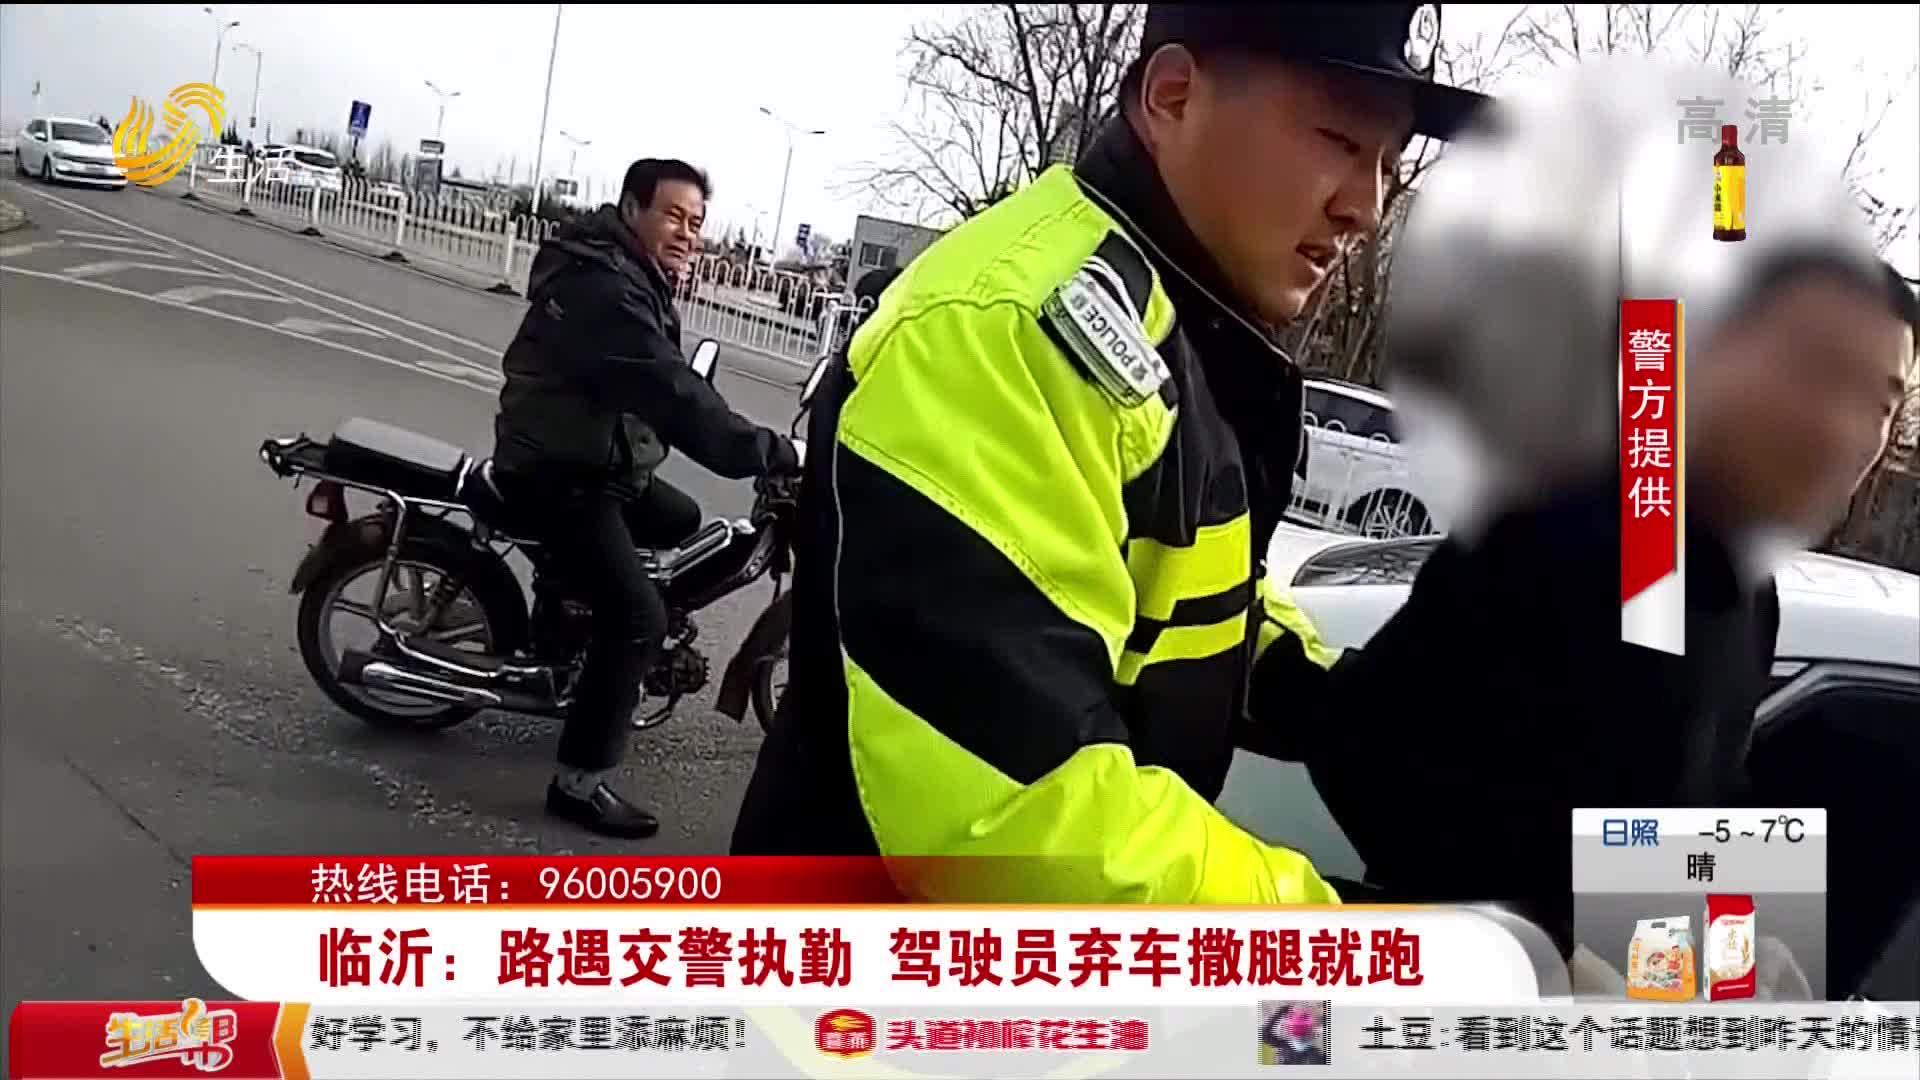 临沂:路遇交警执勤 驾驶员弃车撒腿就跑